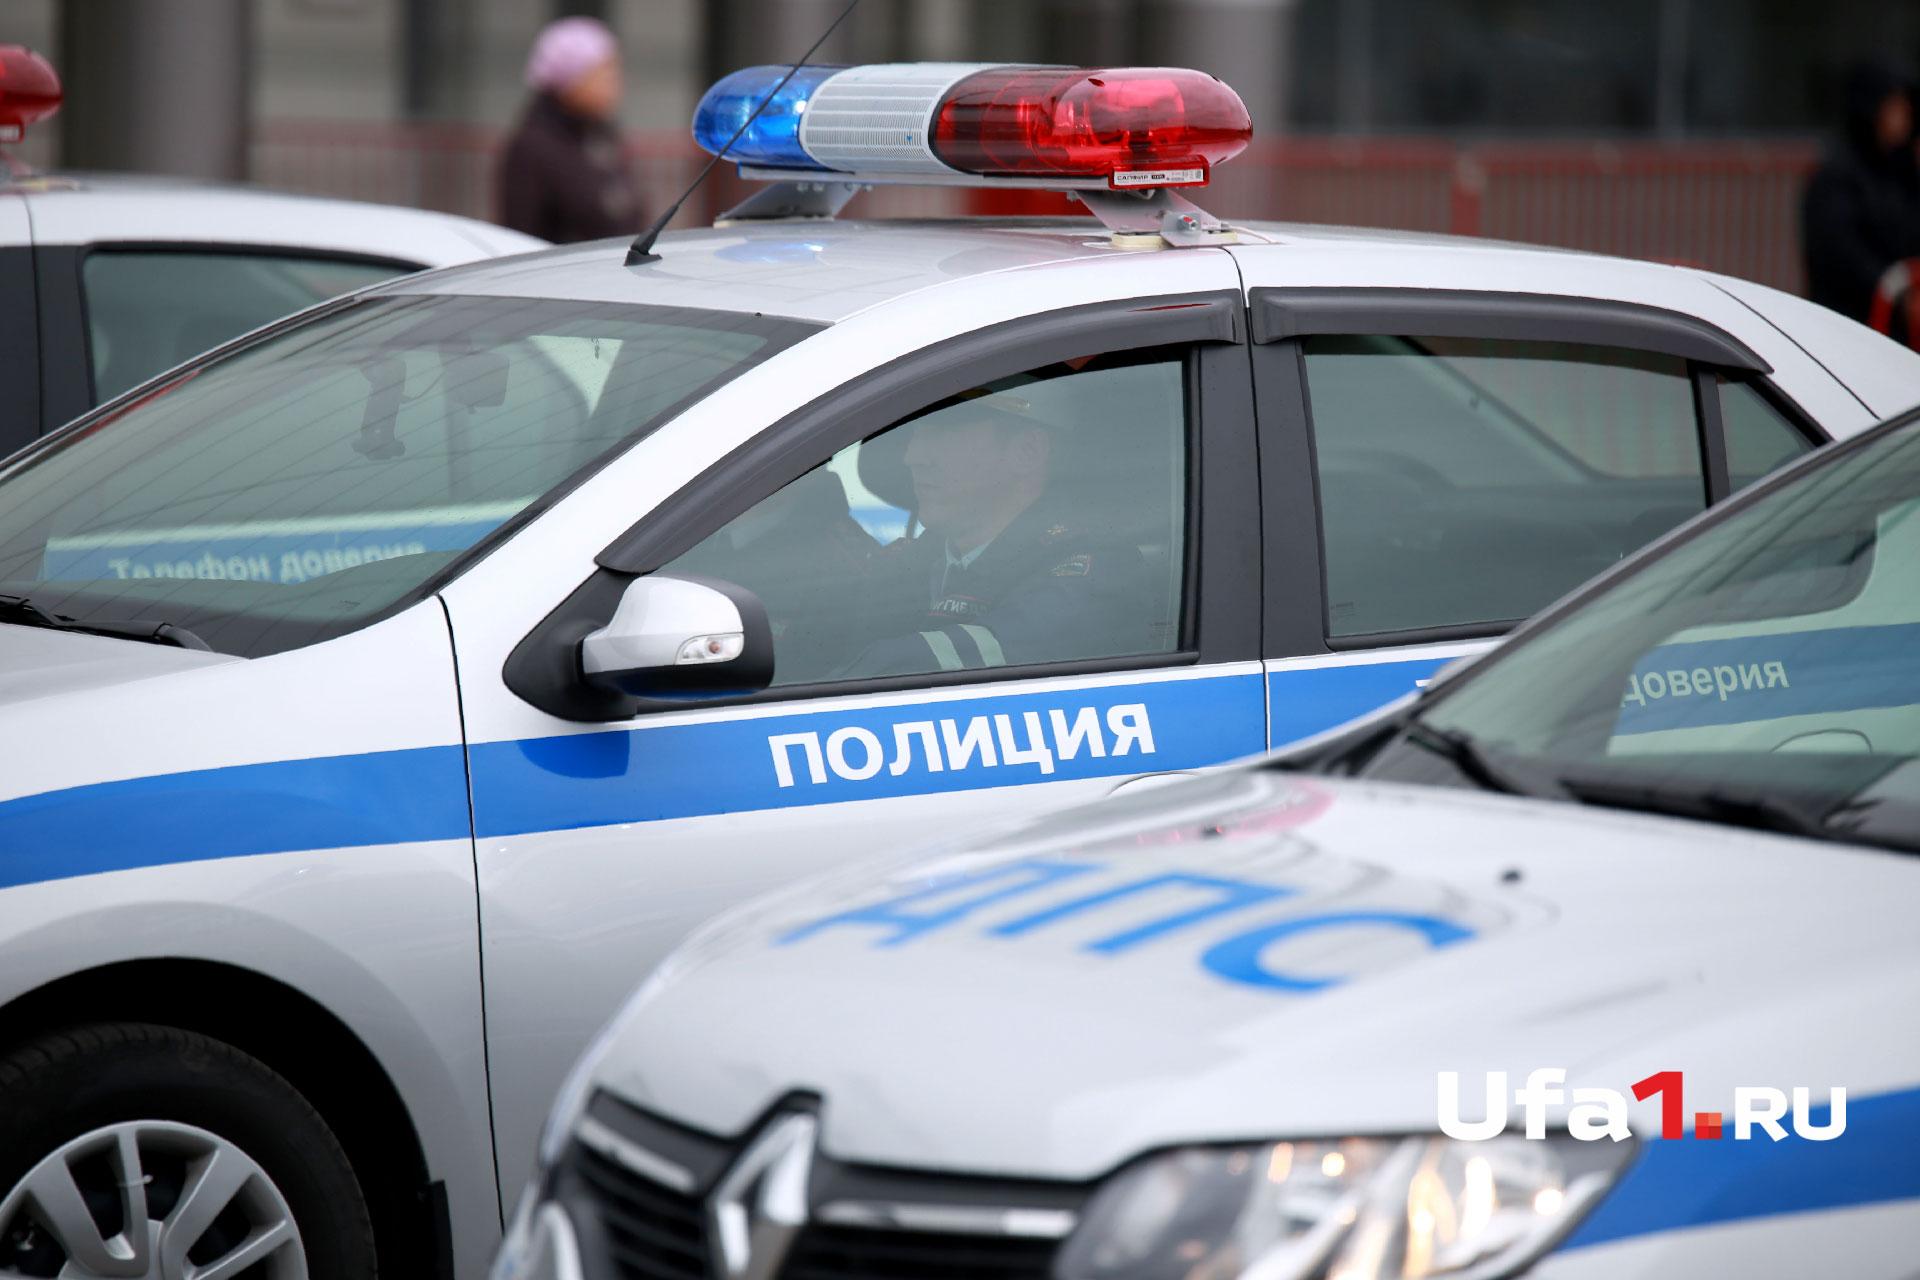 На место происшествия выехали дорожные полицейские